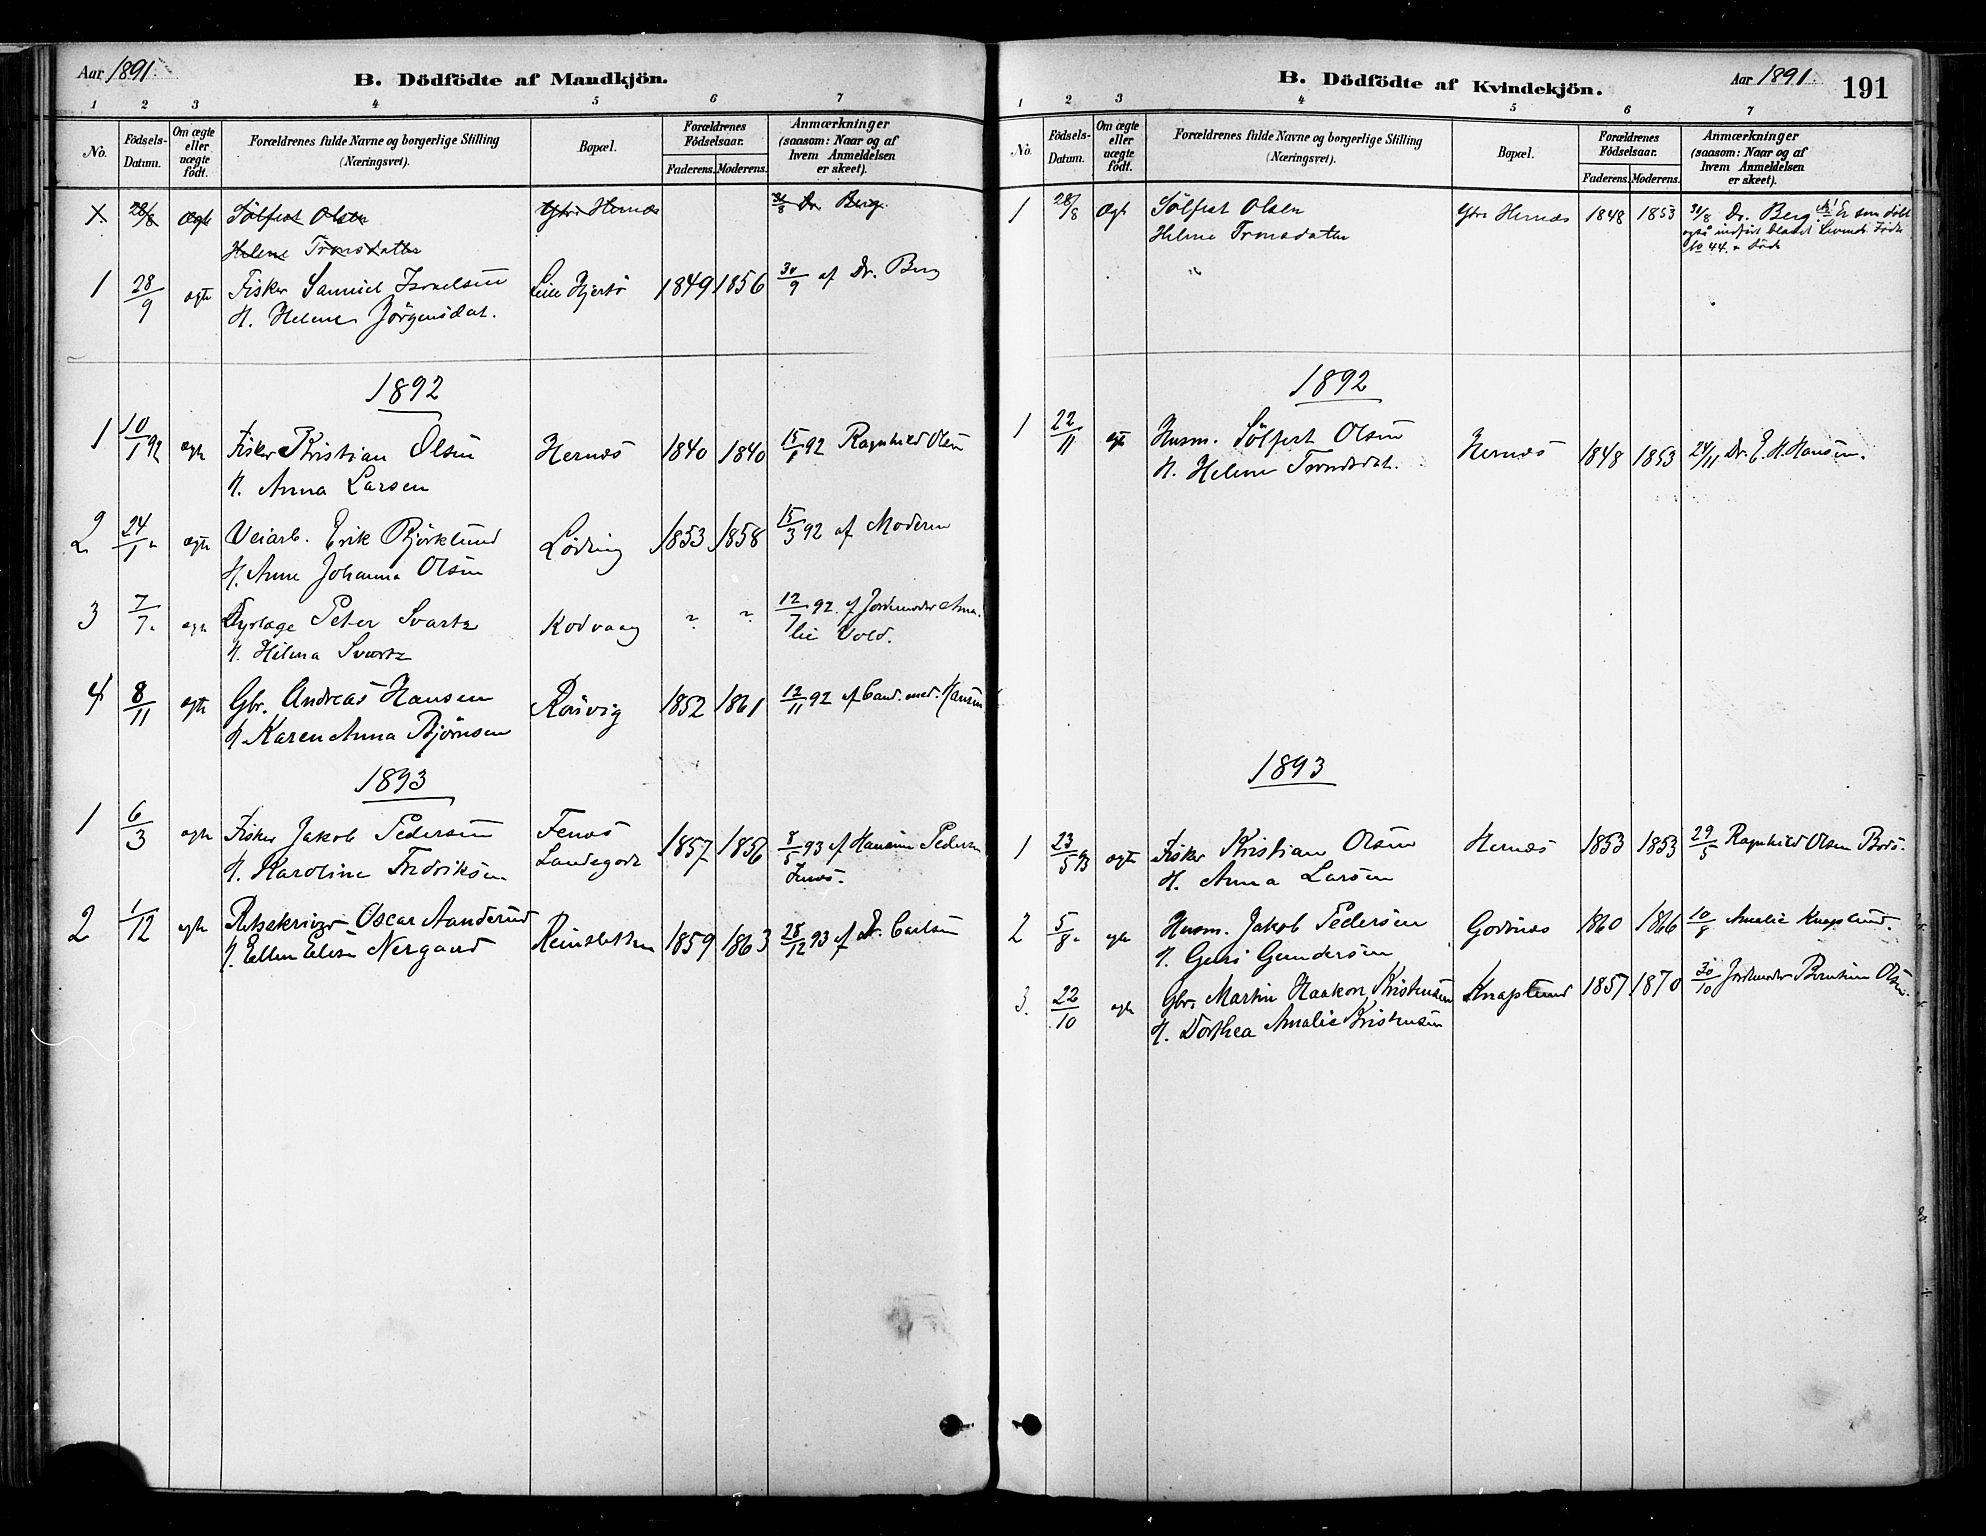 SAT, Ministerialprotokoller, klokkerbøker og fødselsregistre - Nordland, 802/L0054: Parish register (official) no. 802A01, 1879-1893, p. 191